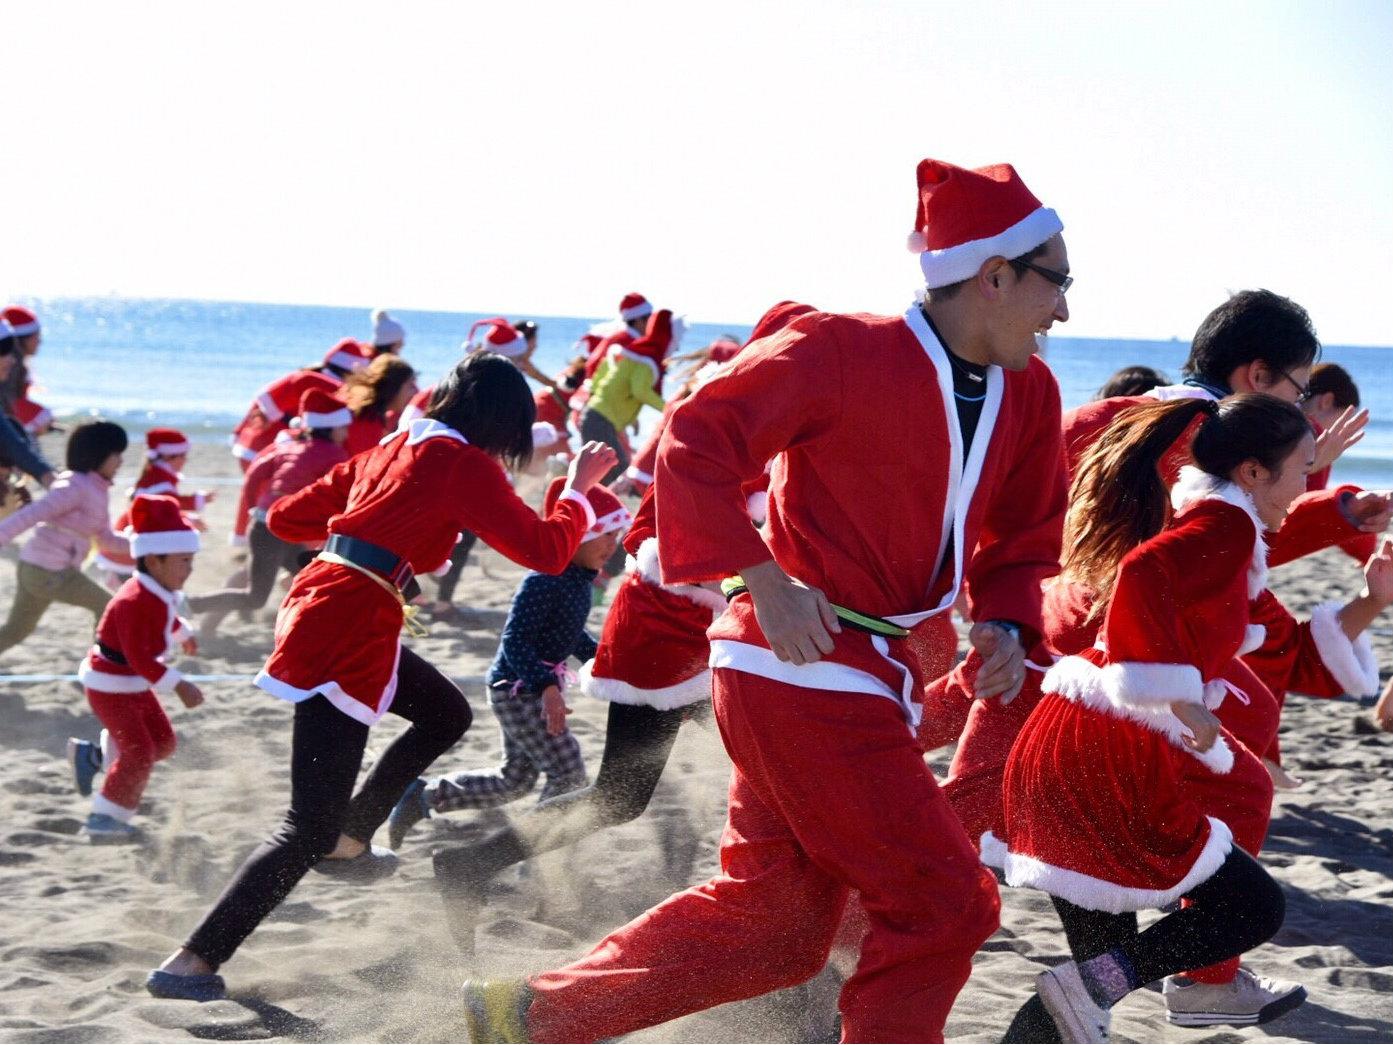 写真で振り返るクリスマス運動会~サンタの恰好で大集合~